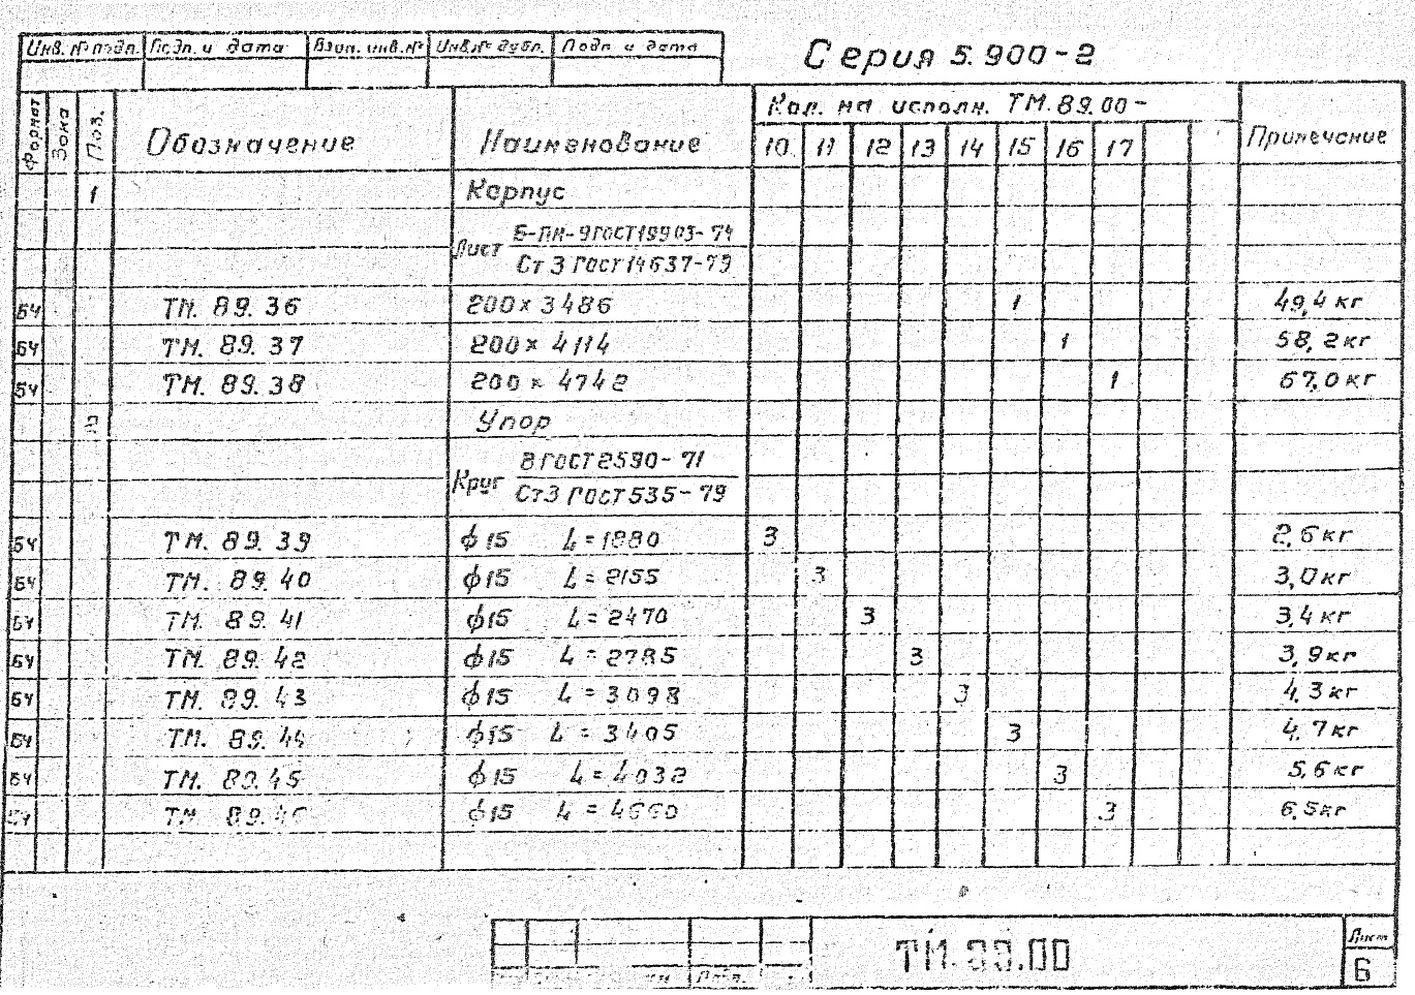 Сальники набивные ТМ.89.00 серия 5.900-2 стр.7